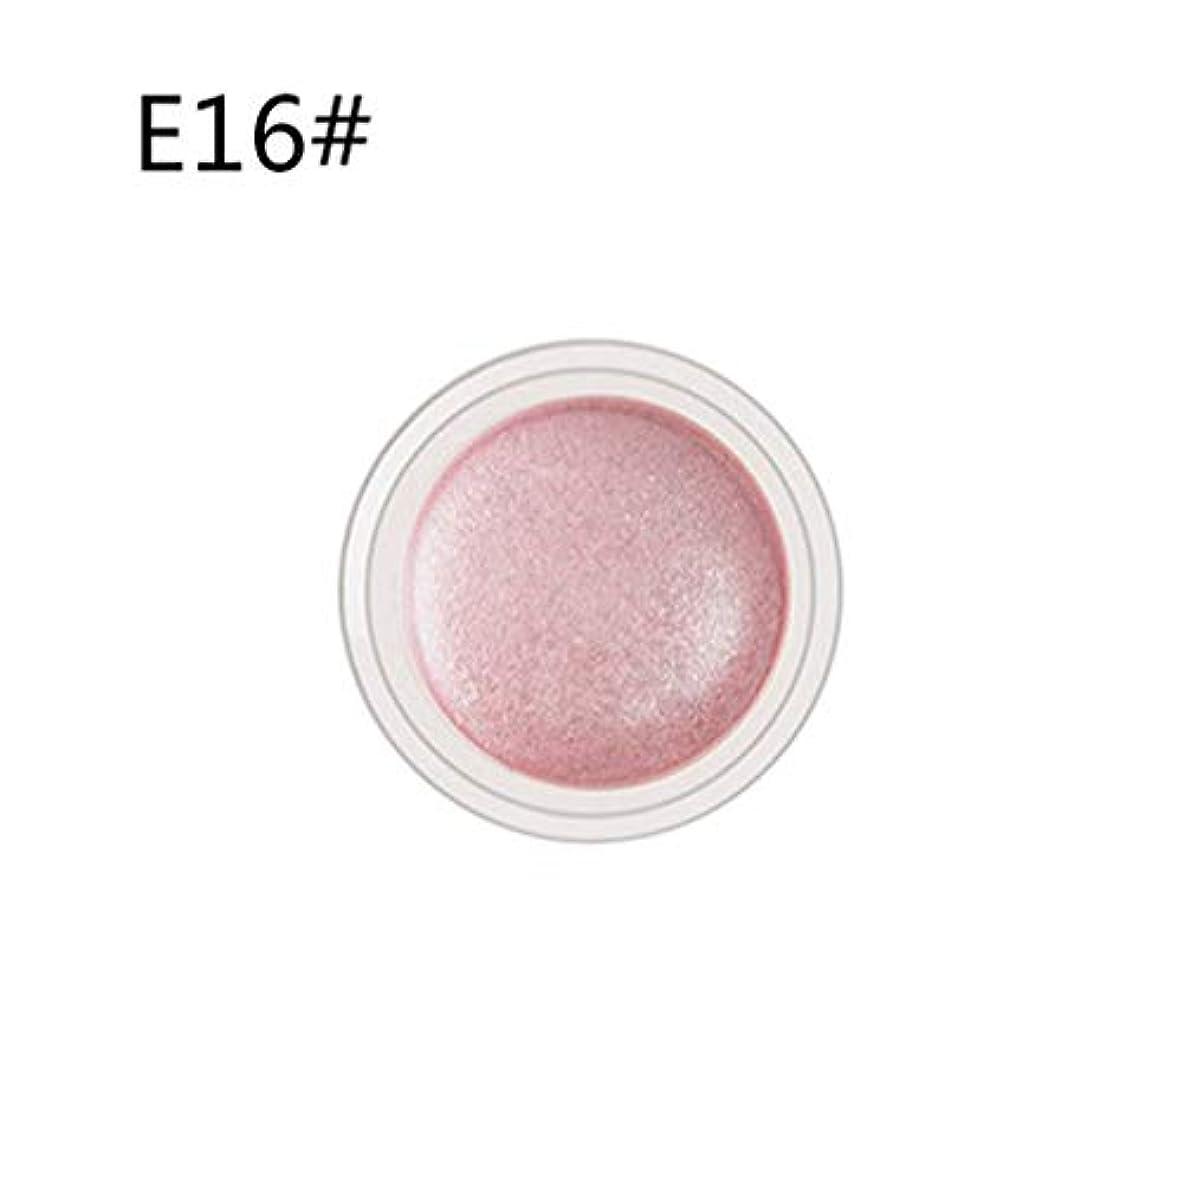 珍味かわいらしい虹プロフェッショナルマットアイメイククリーム単色アイシャドウアイメイクアップパーティークラブ化粧品アイシャドウクリーム